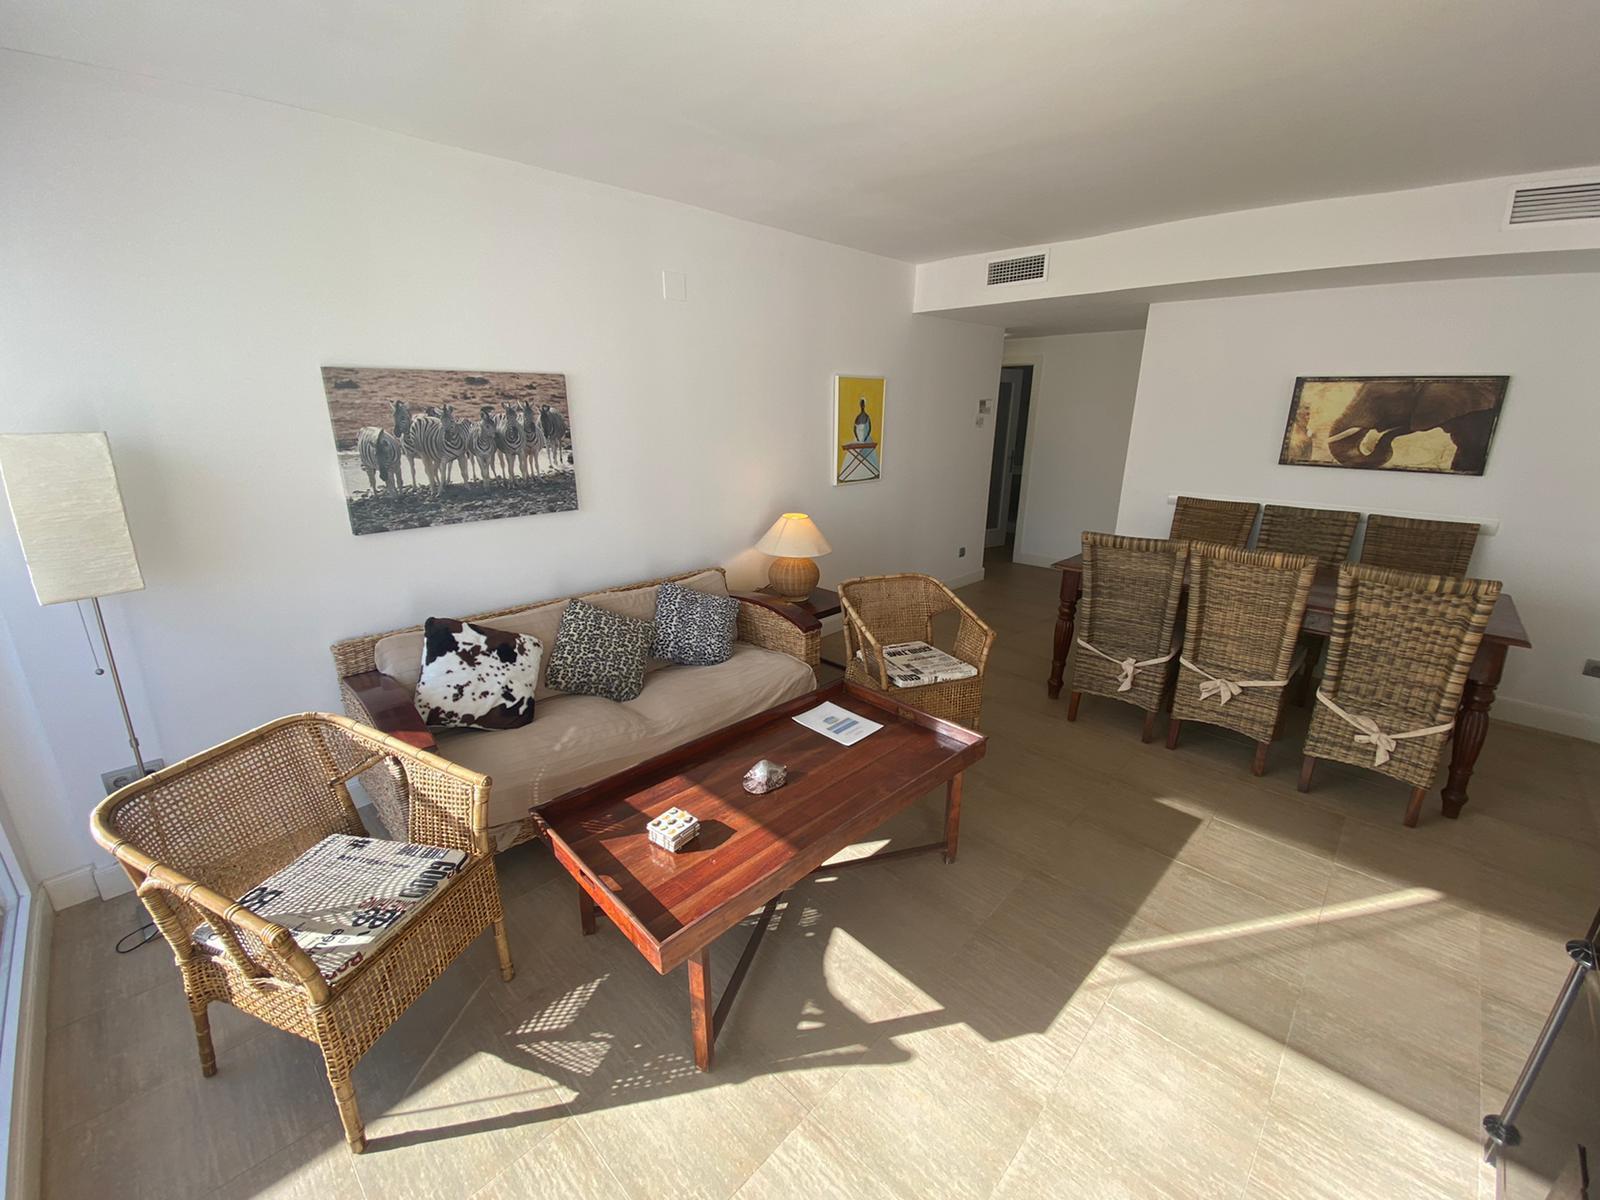 Imagen 20 del Apartamento Turístico, Ático 1 Levante (3d+2b), Punta del Moral (HUELVA), Paseo de la Cruz nº22